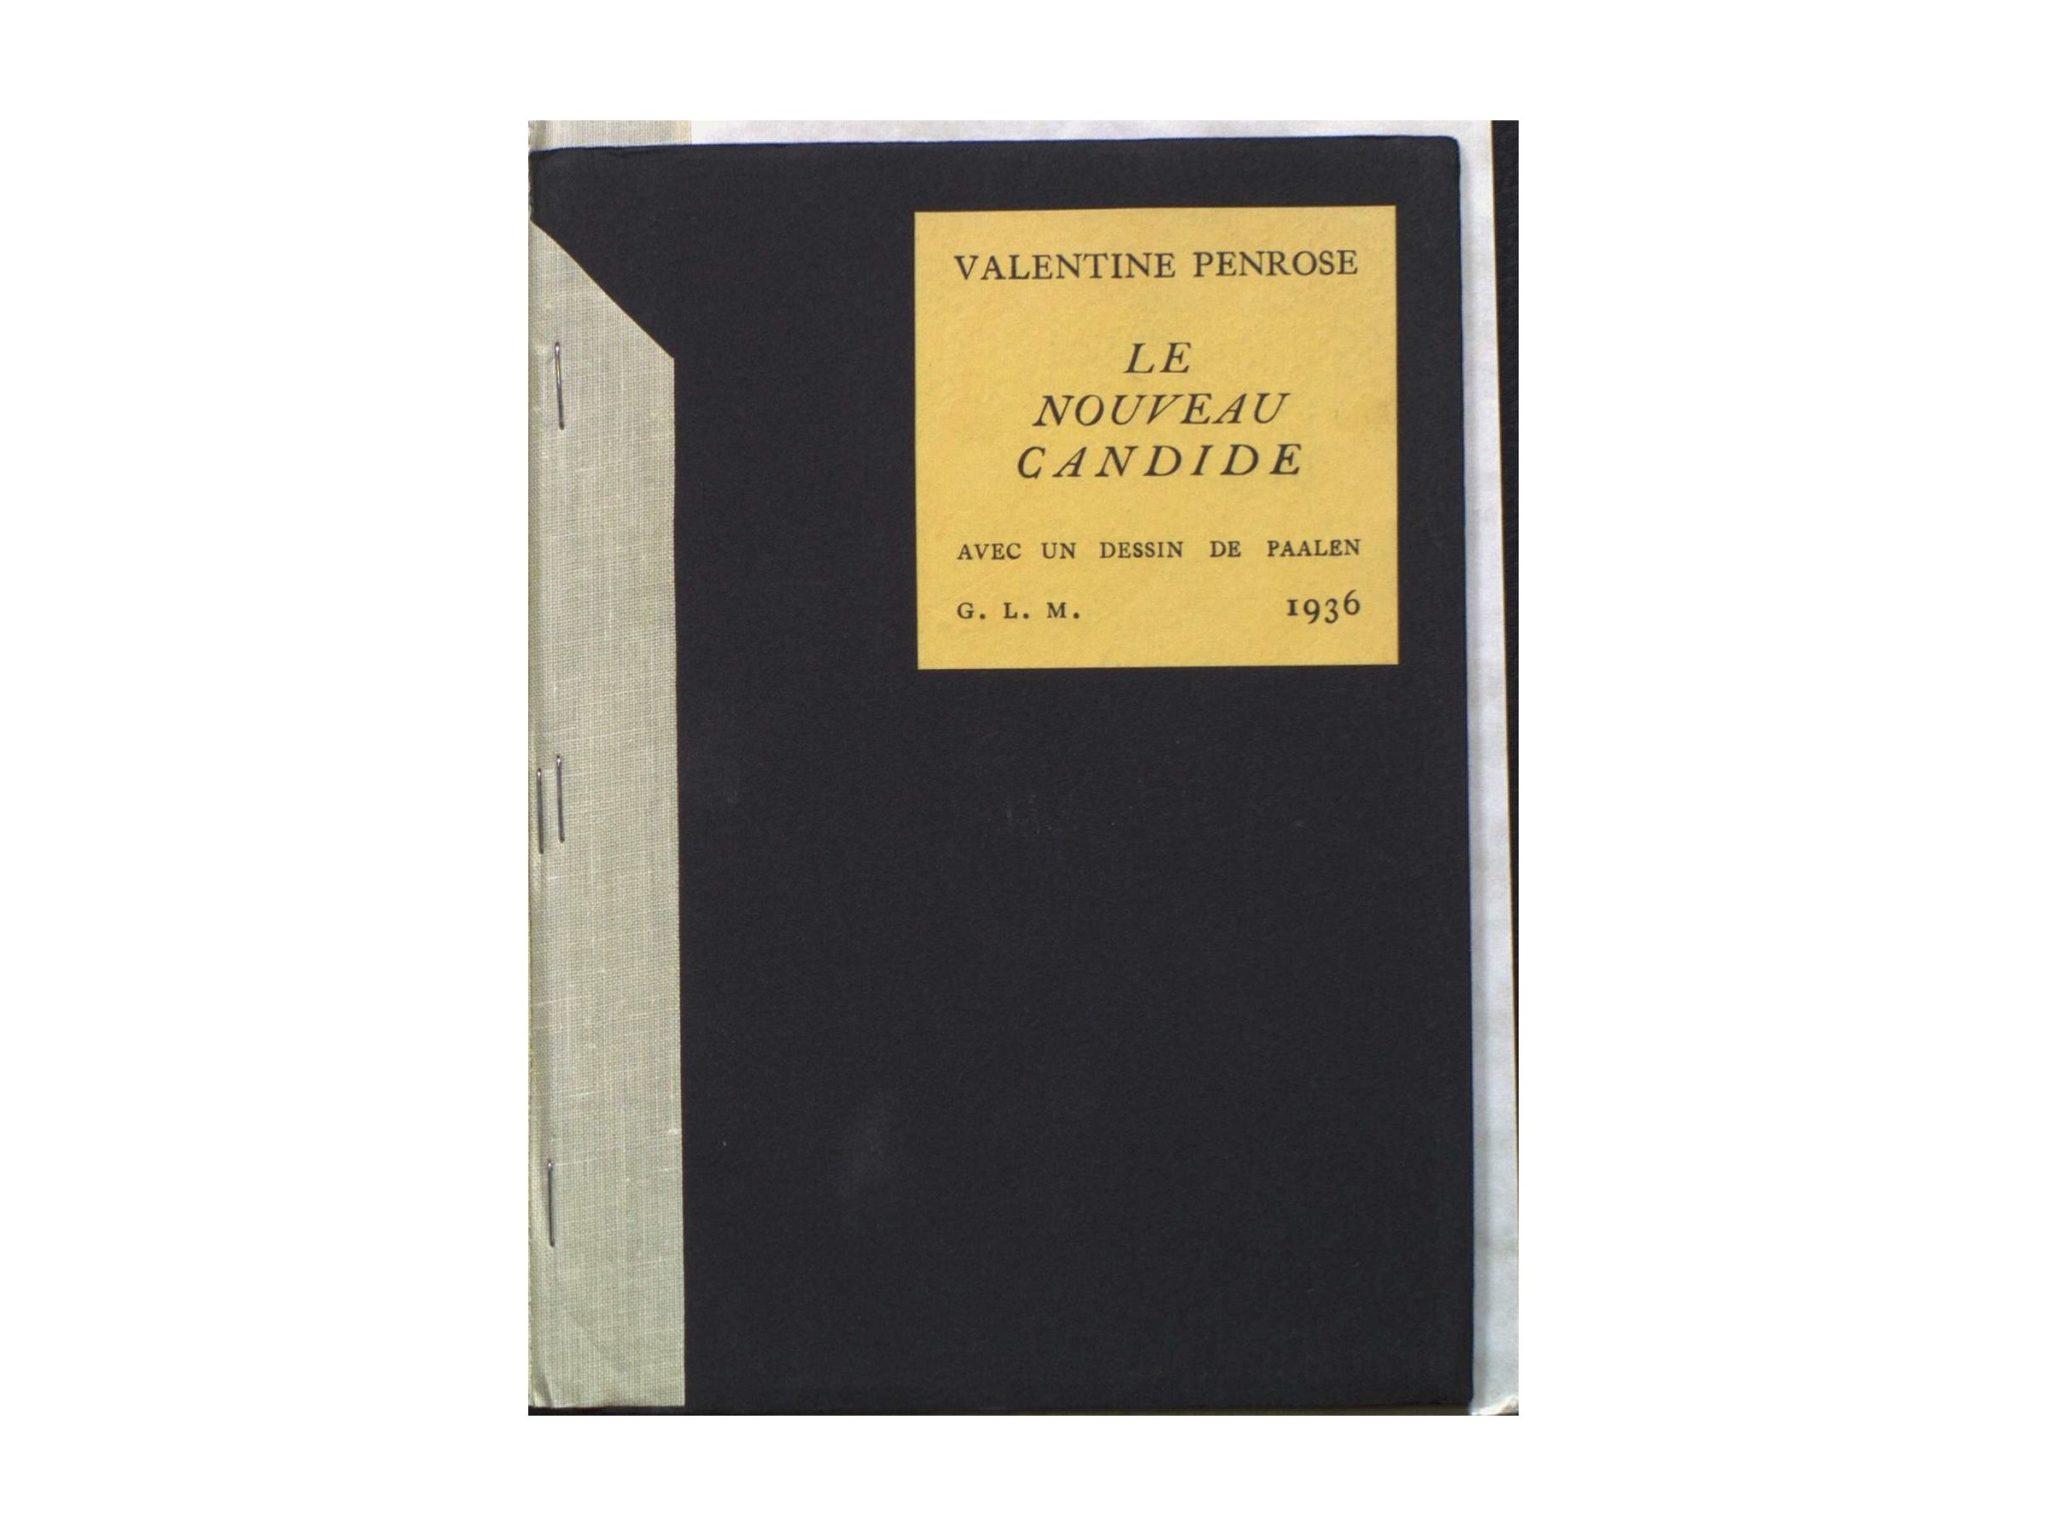 Carrousel-01-Penrose-Valentine_Le-Nouveau-Candide-t